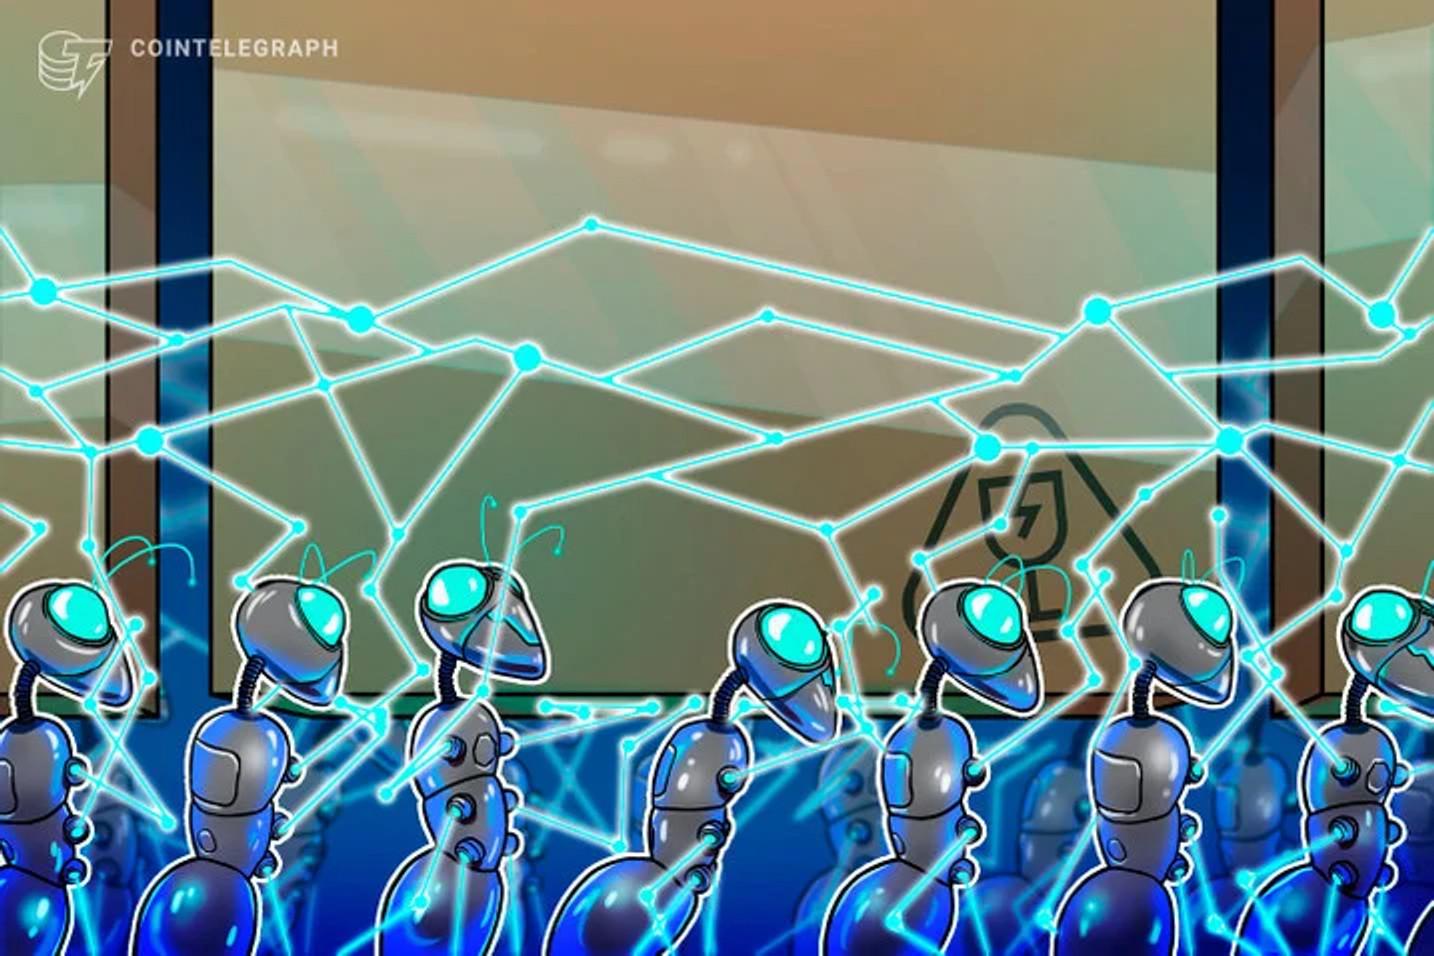 ¿Cómo ML, Tecnología Blockchain e IoT pueden aportar innovación en la atención médica?